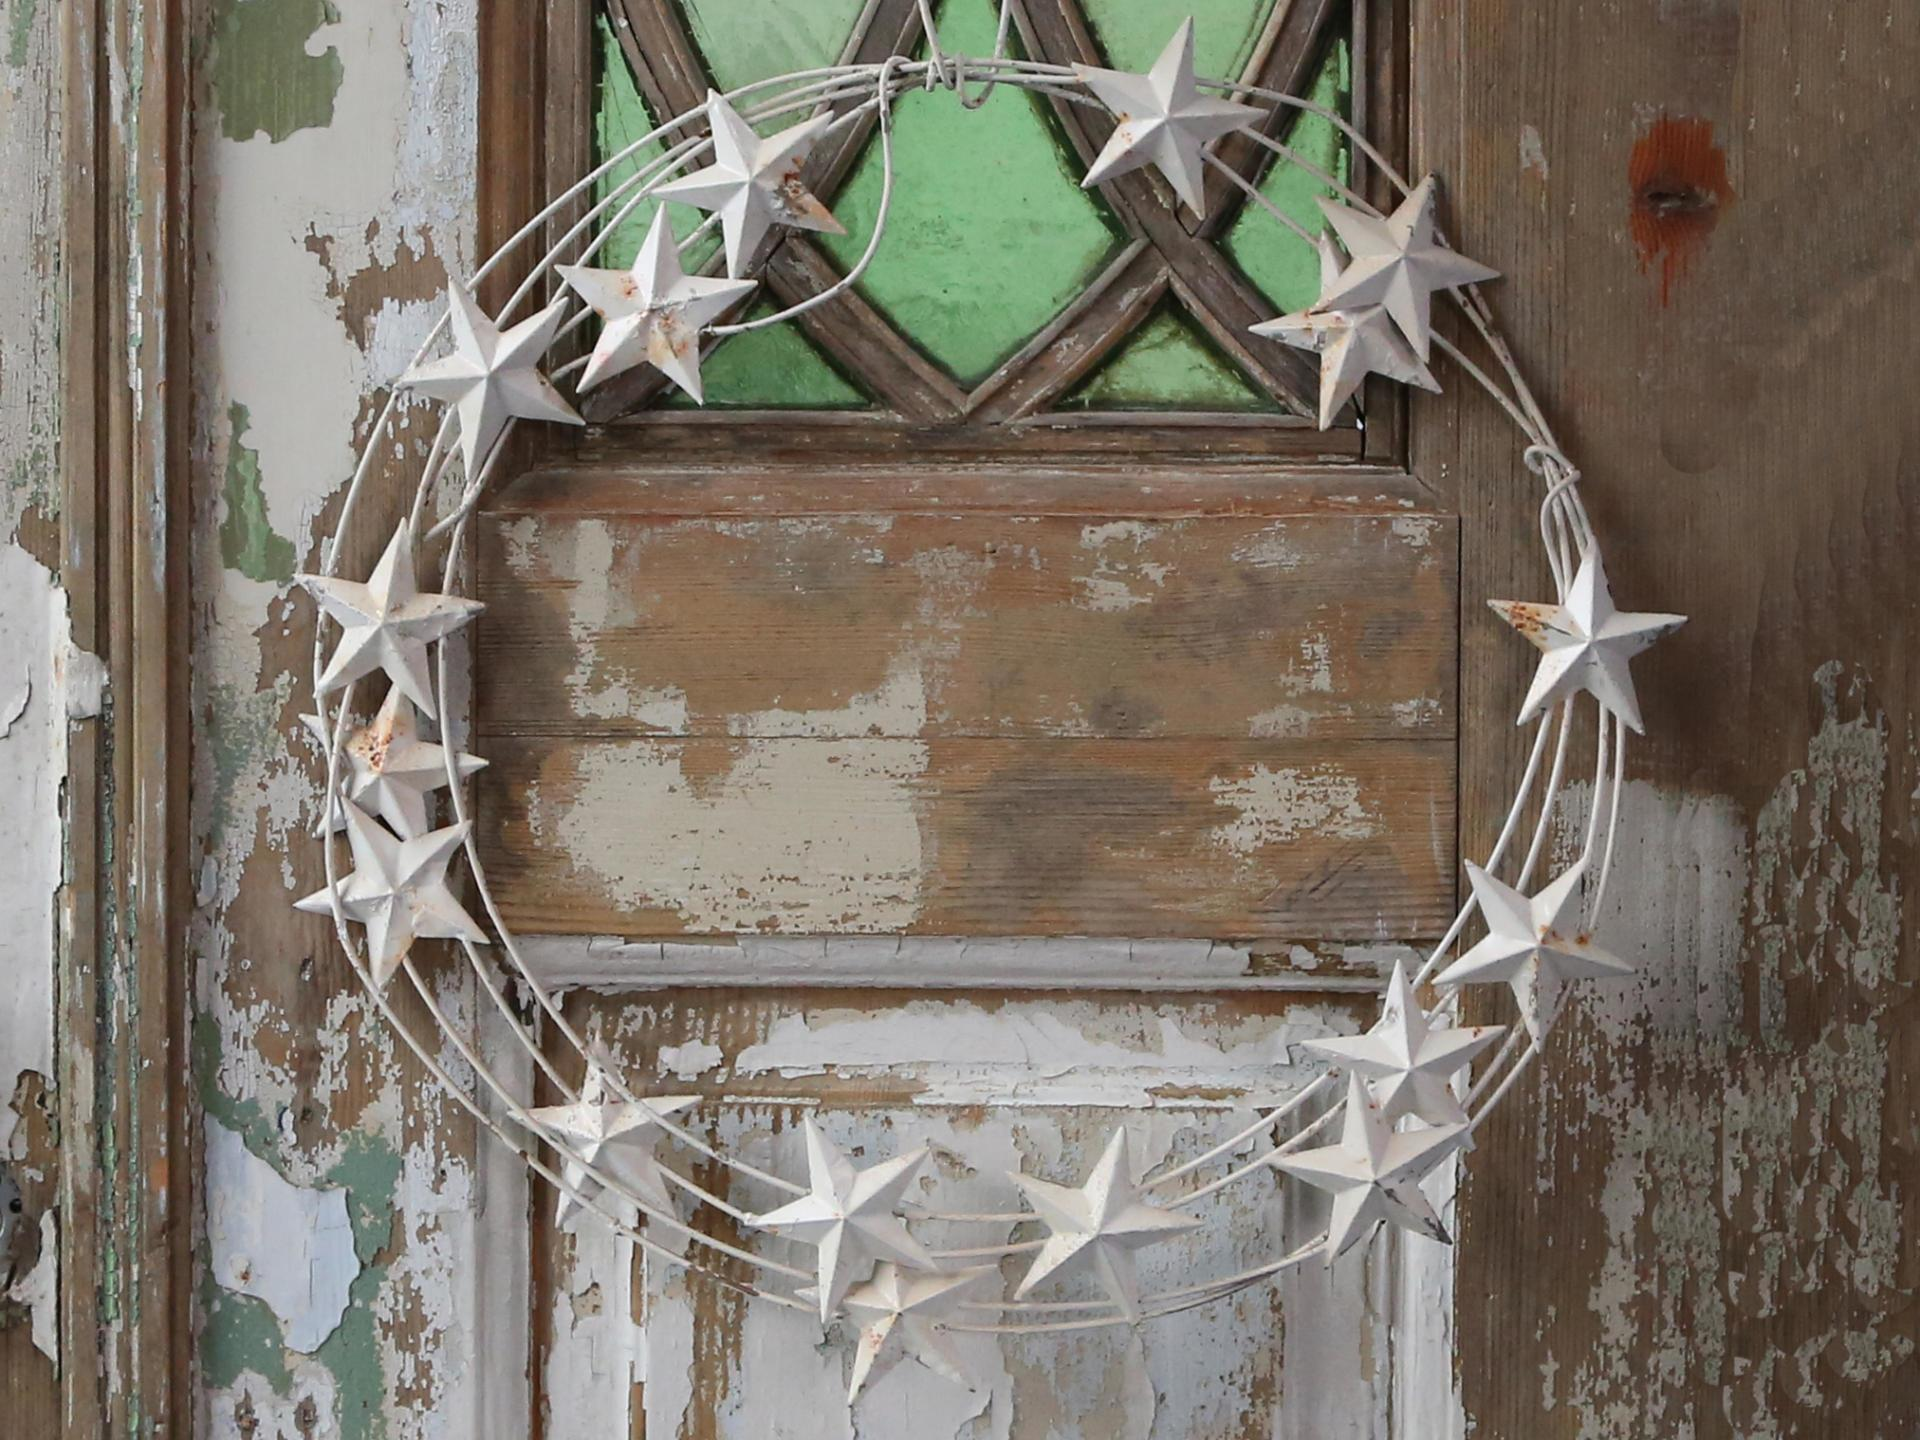 Chic Antique Závěsný věnec s hvězdami Antique Creme, krémová barva, kov